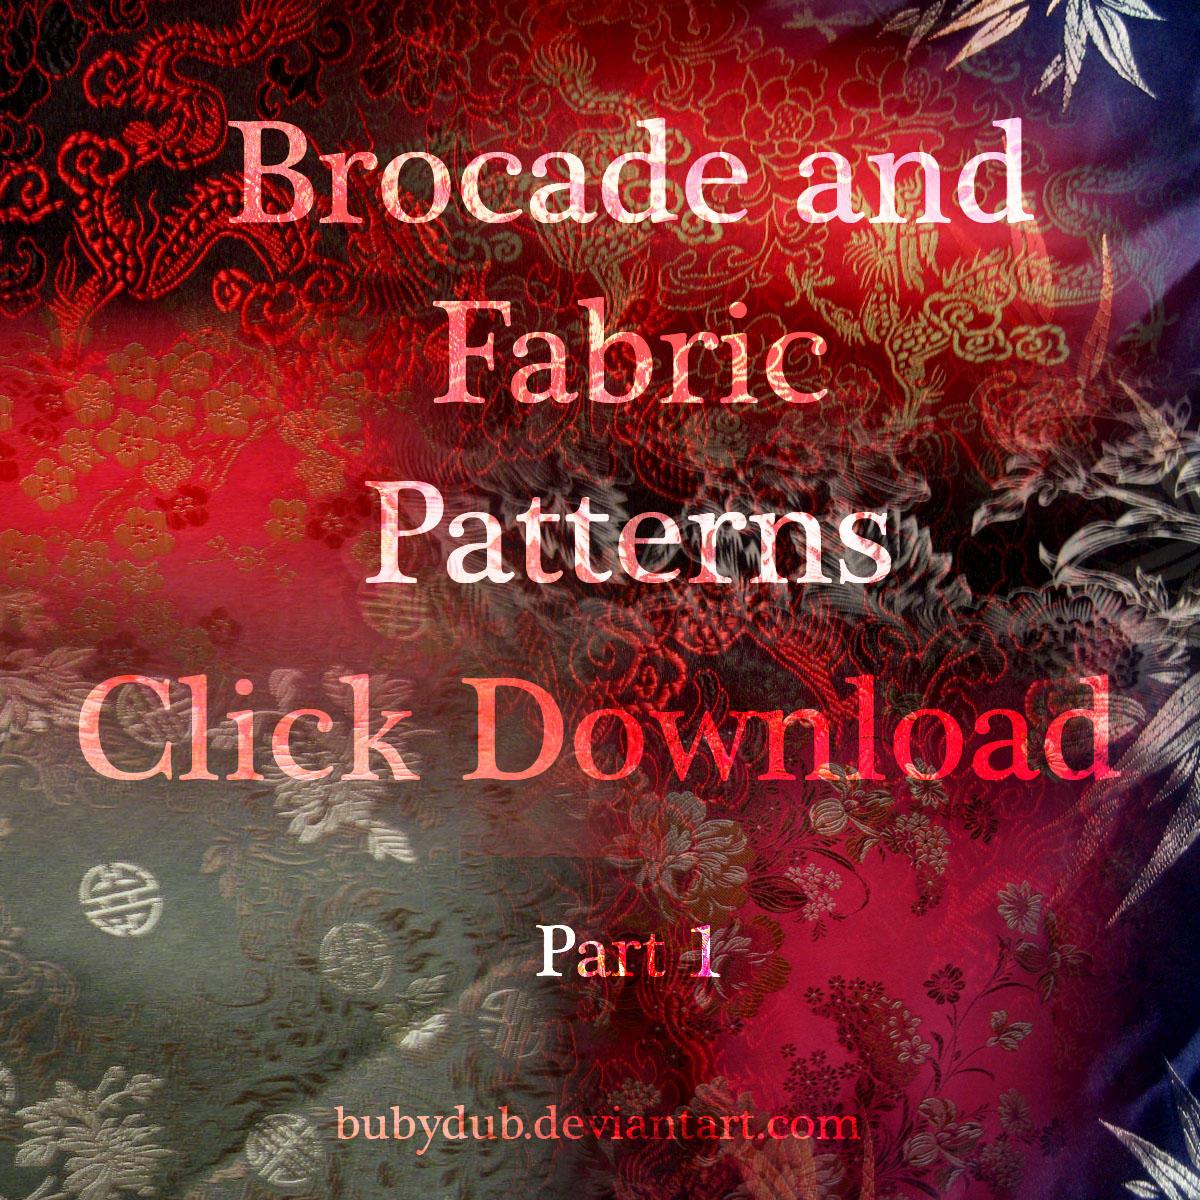 brocade stock 1 by Bubydub